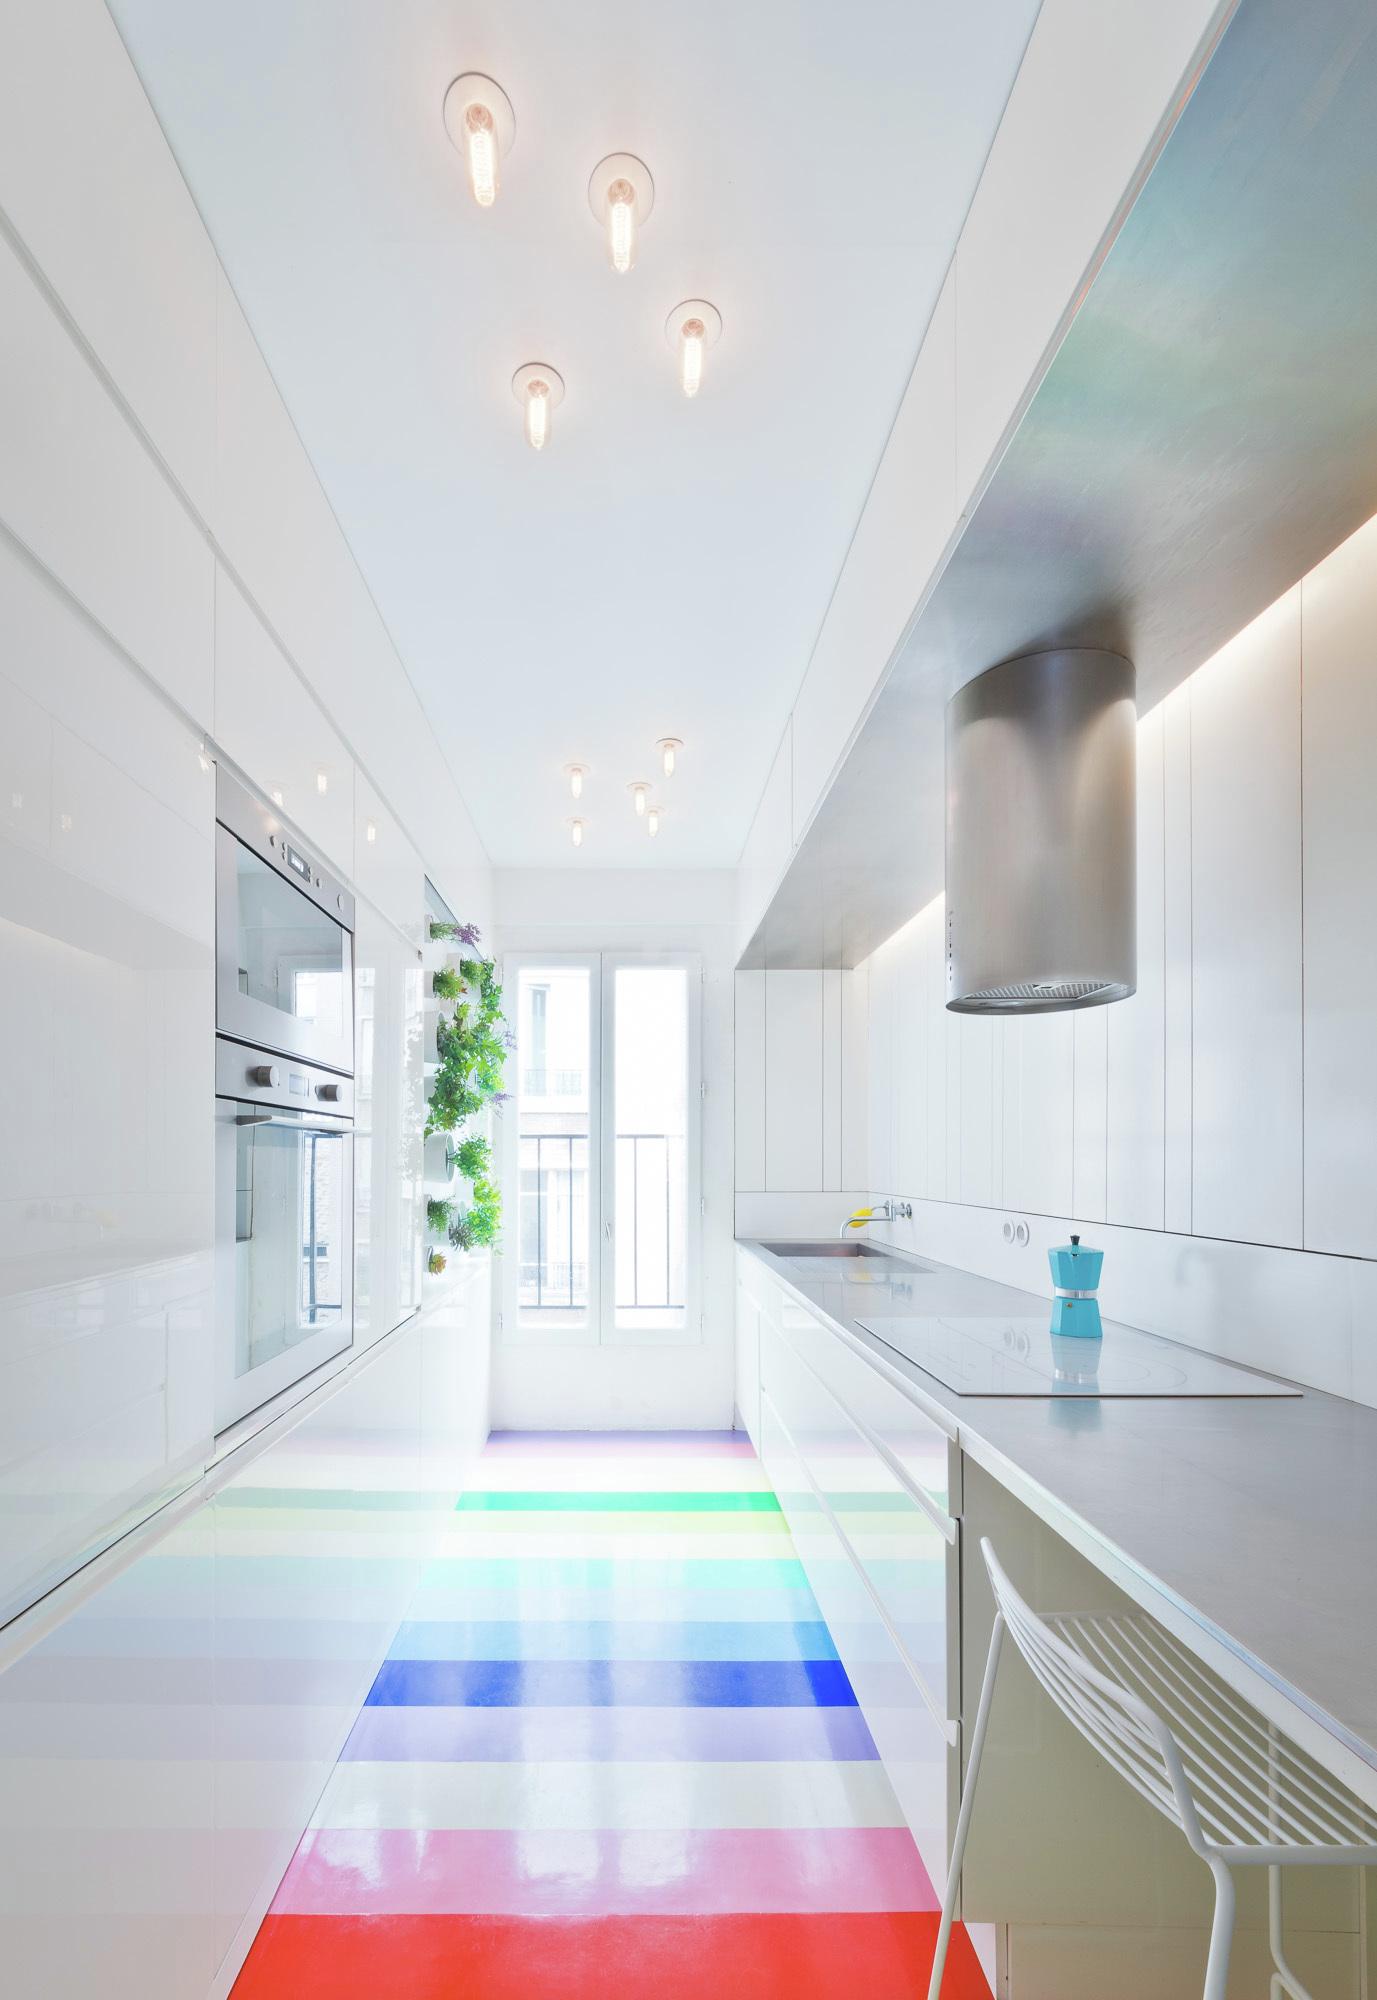 Redesigned Paris apartment kitchen floor